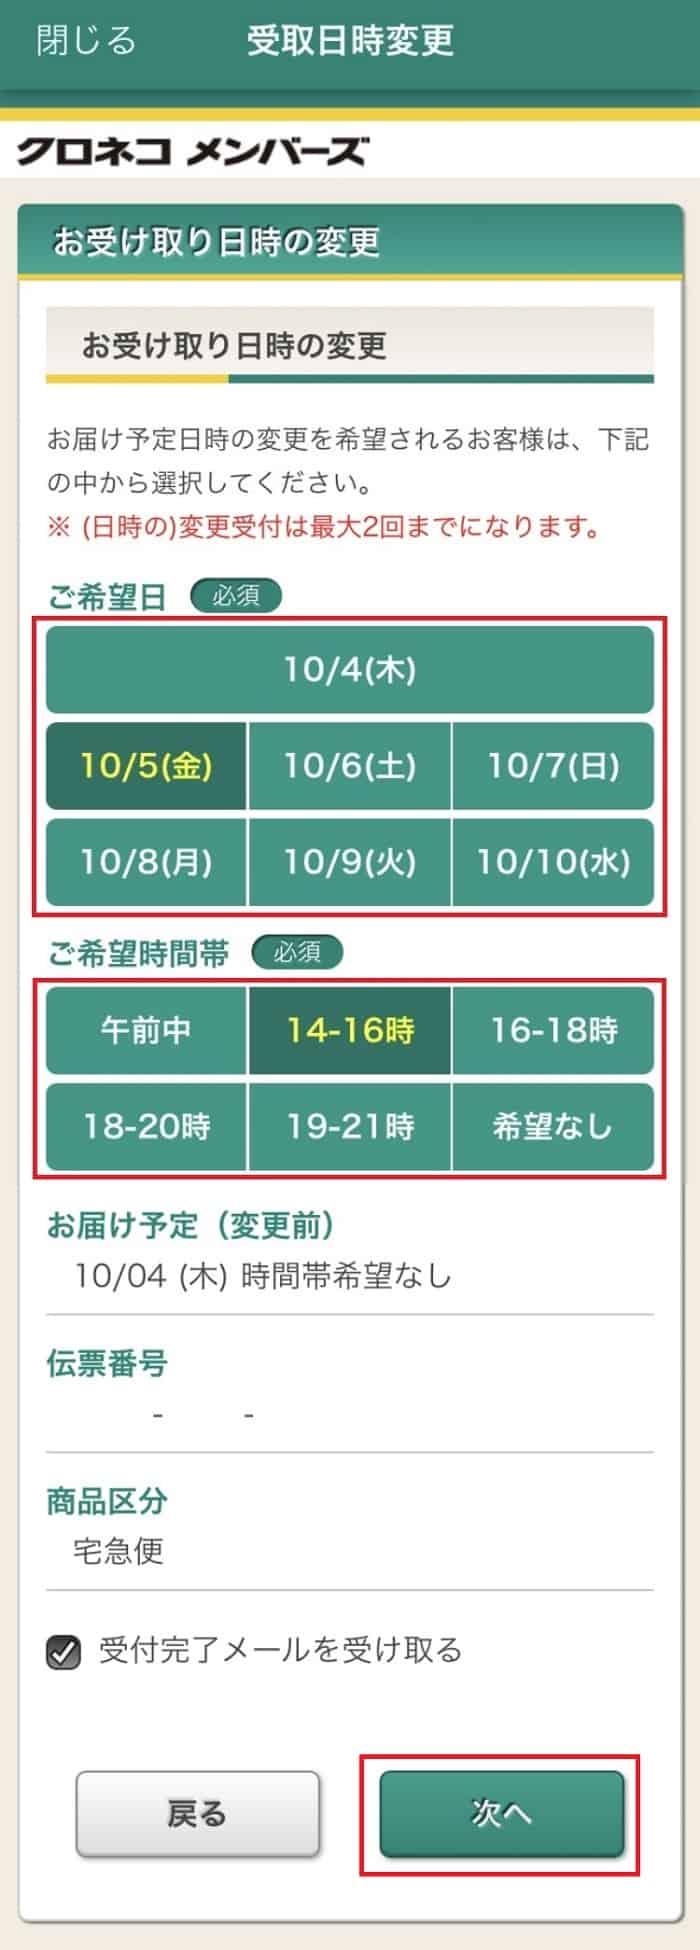 【ヤマト運輸】受取日時変更